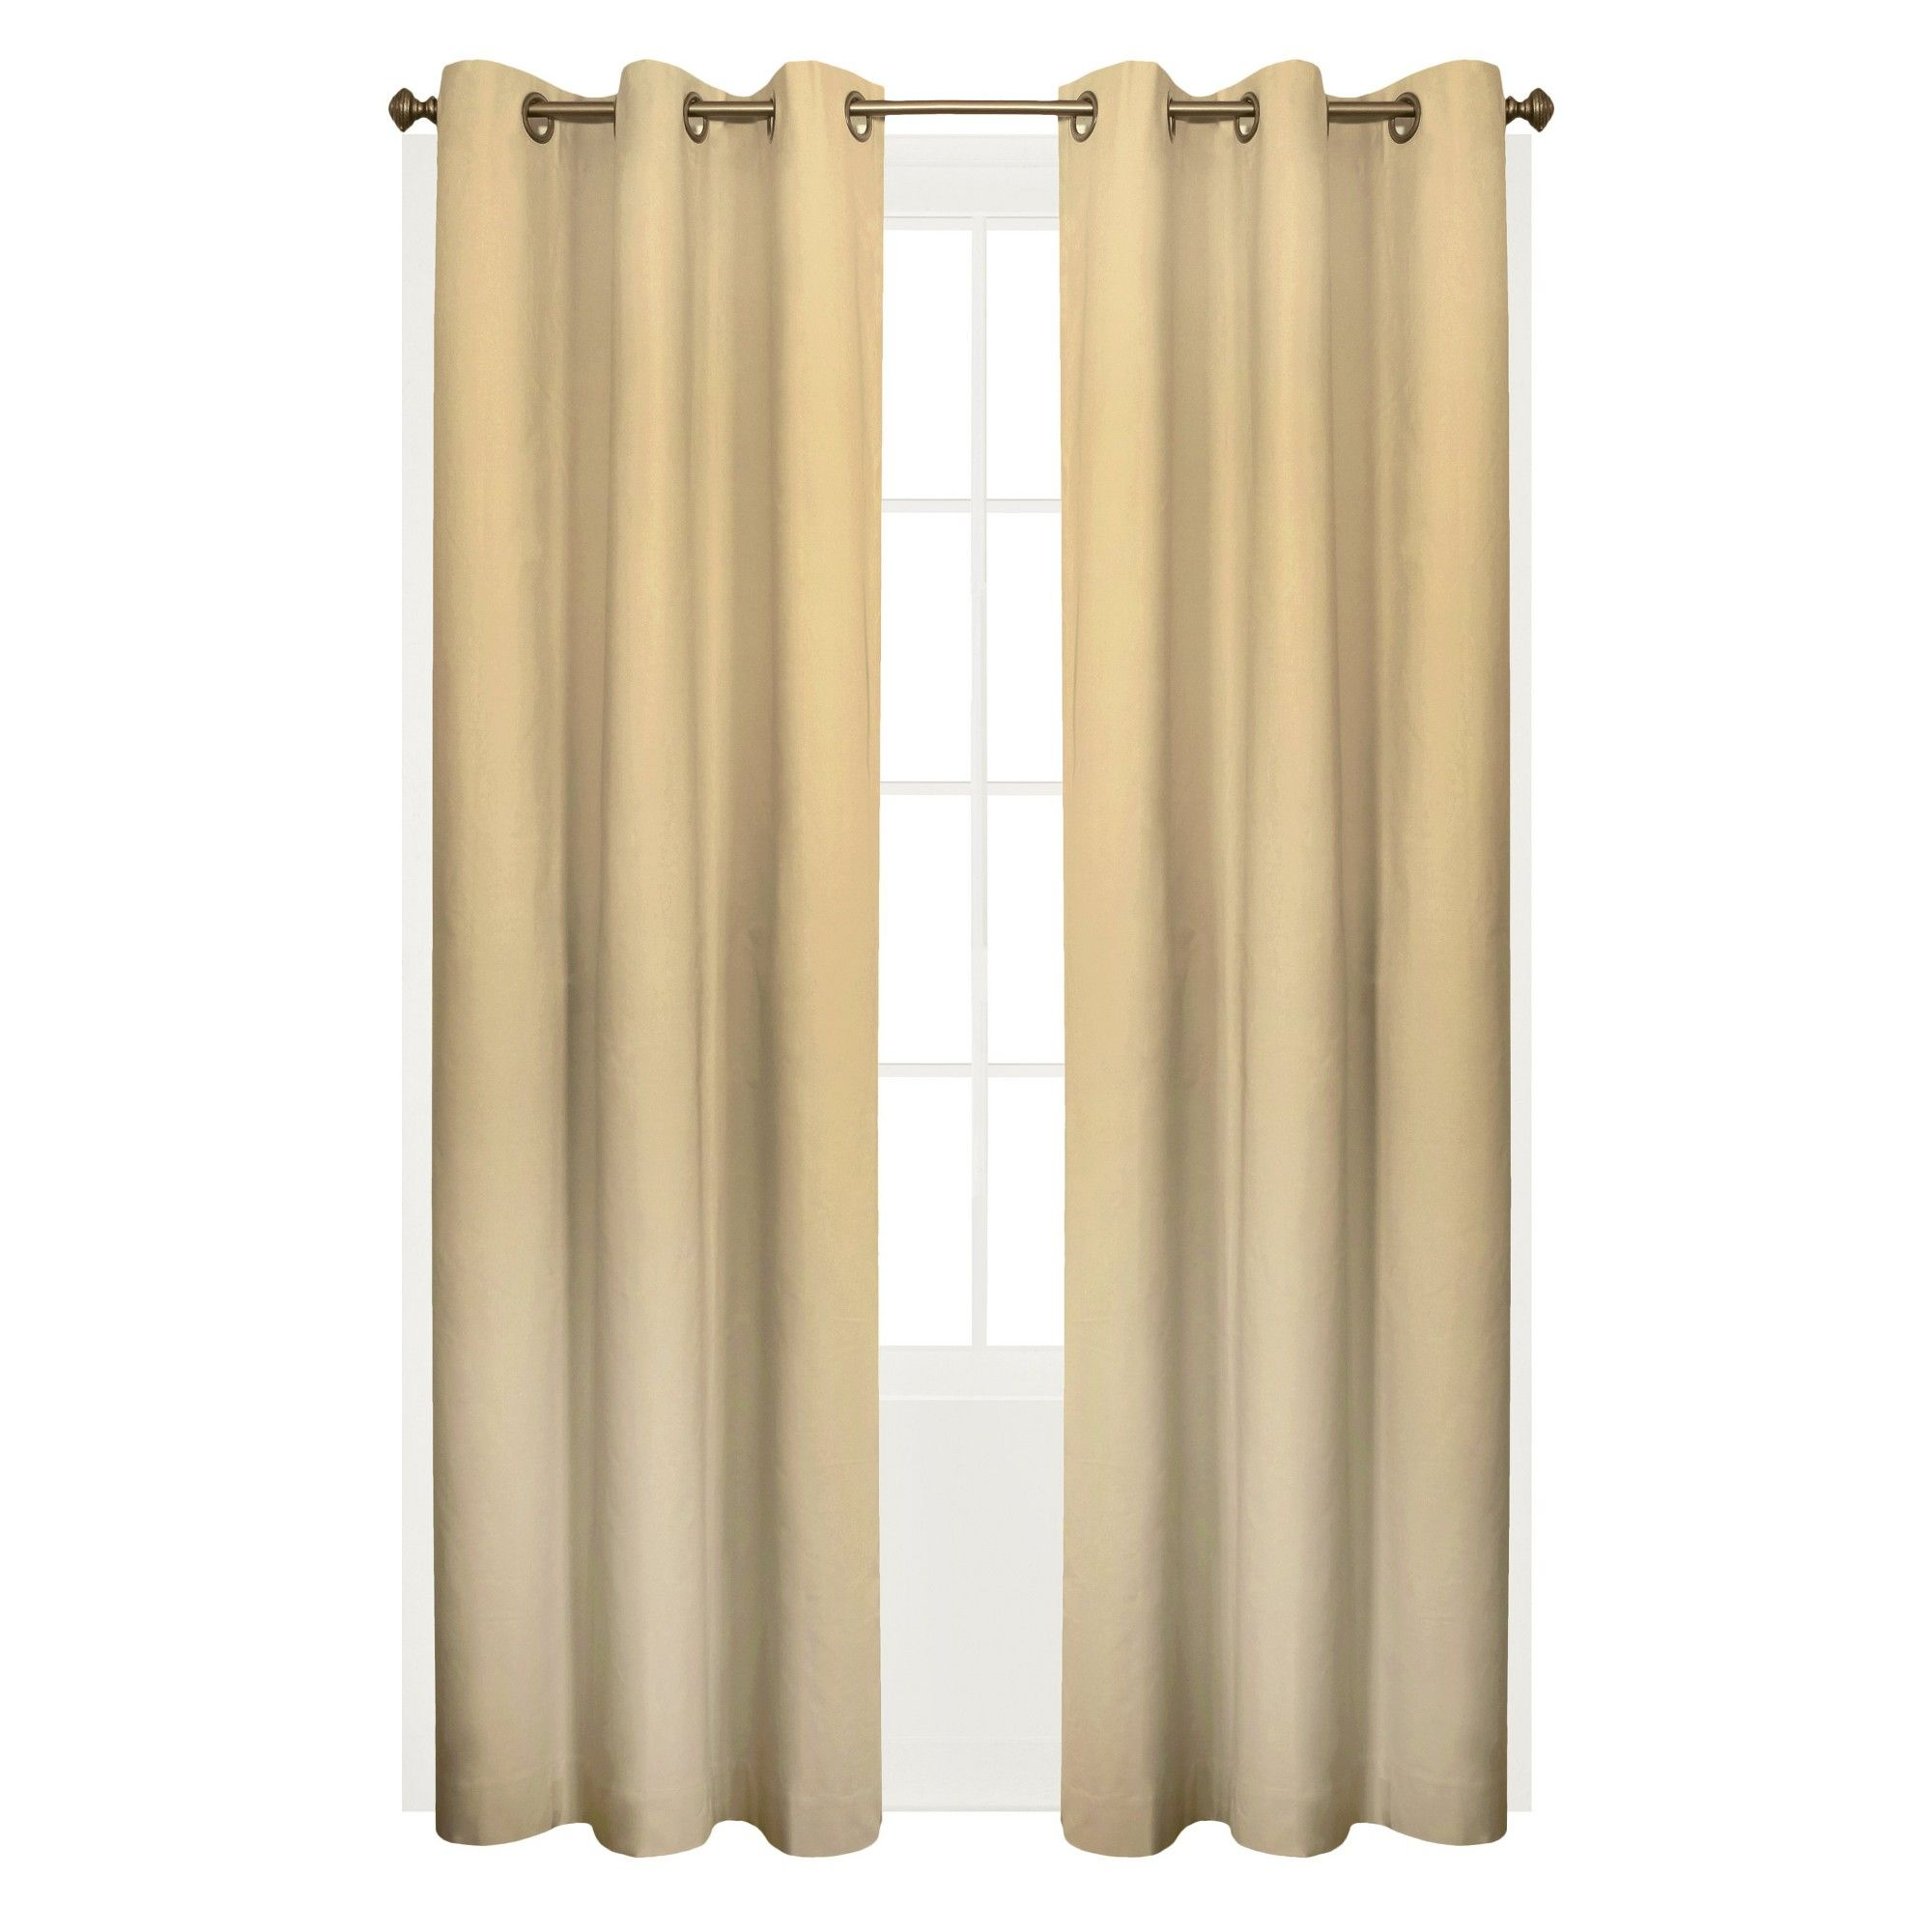 Weathermate Grommet Top Curtain Panel Pair